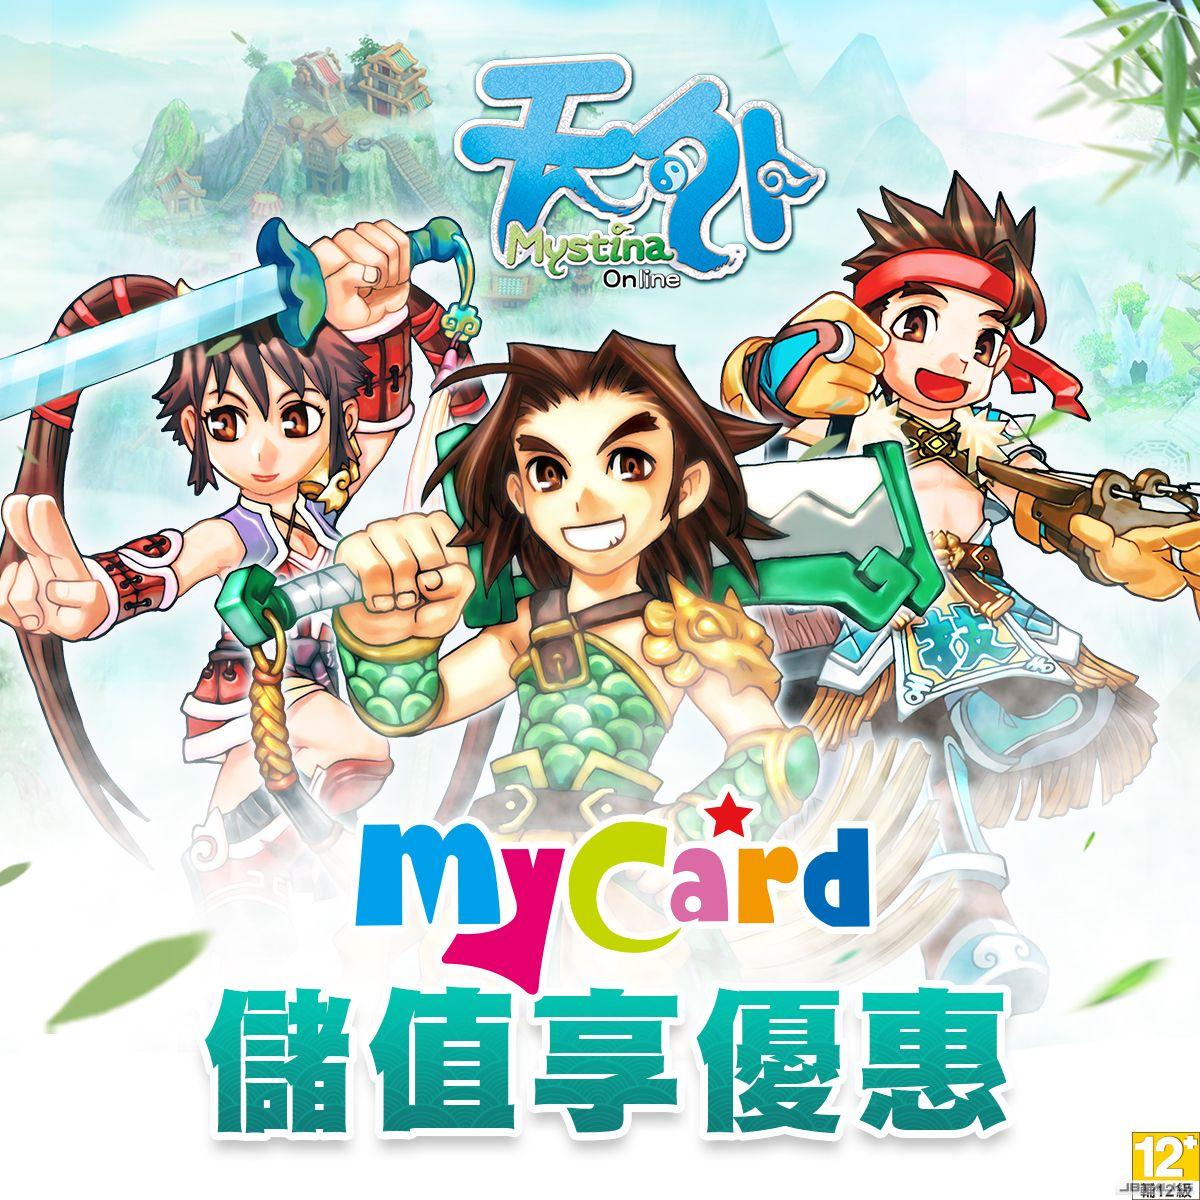 mycard粉絲團_天外_1200x1200.jpg